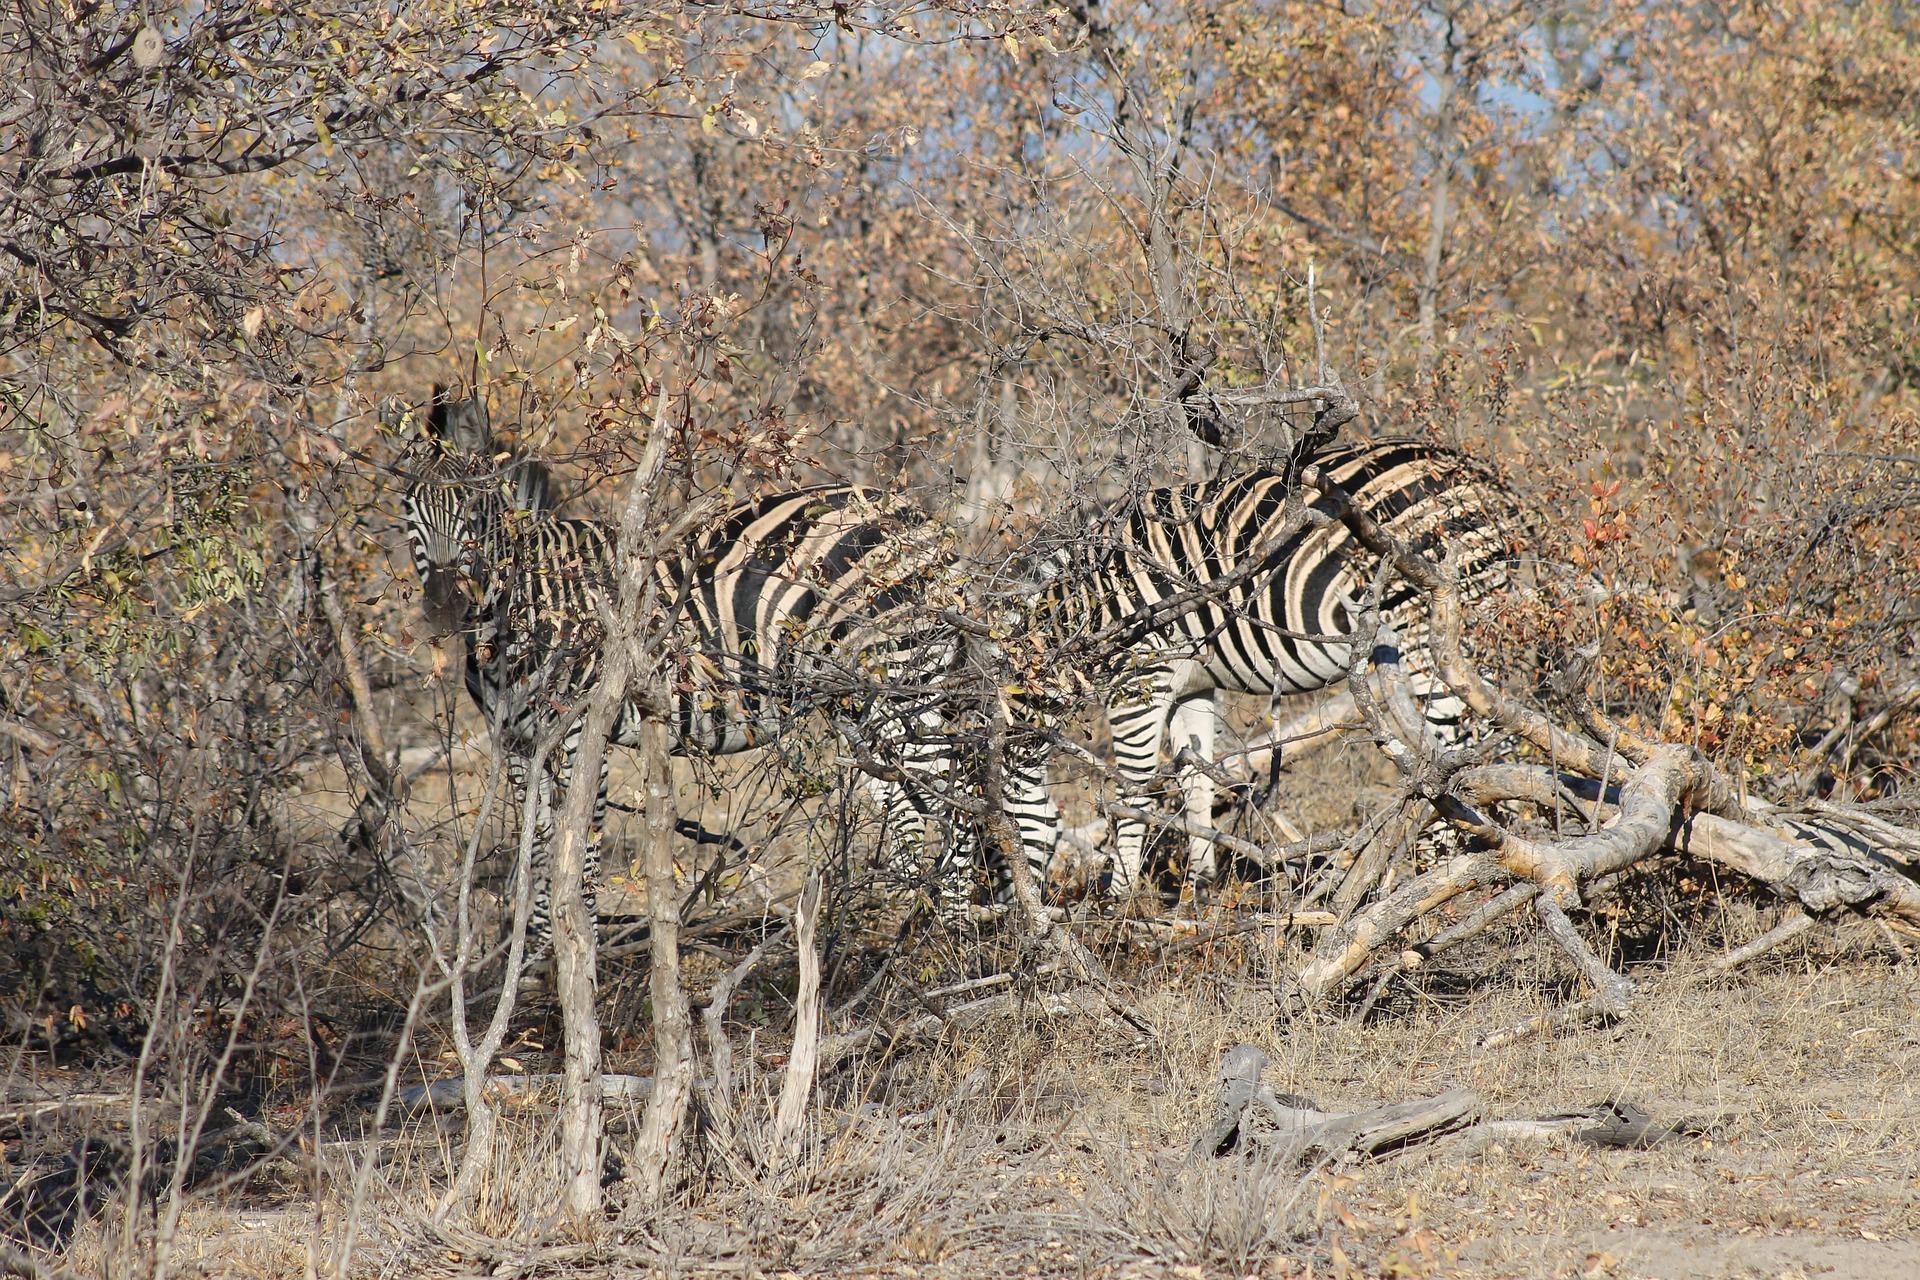 zebra-2691945_1920.jpg